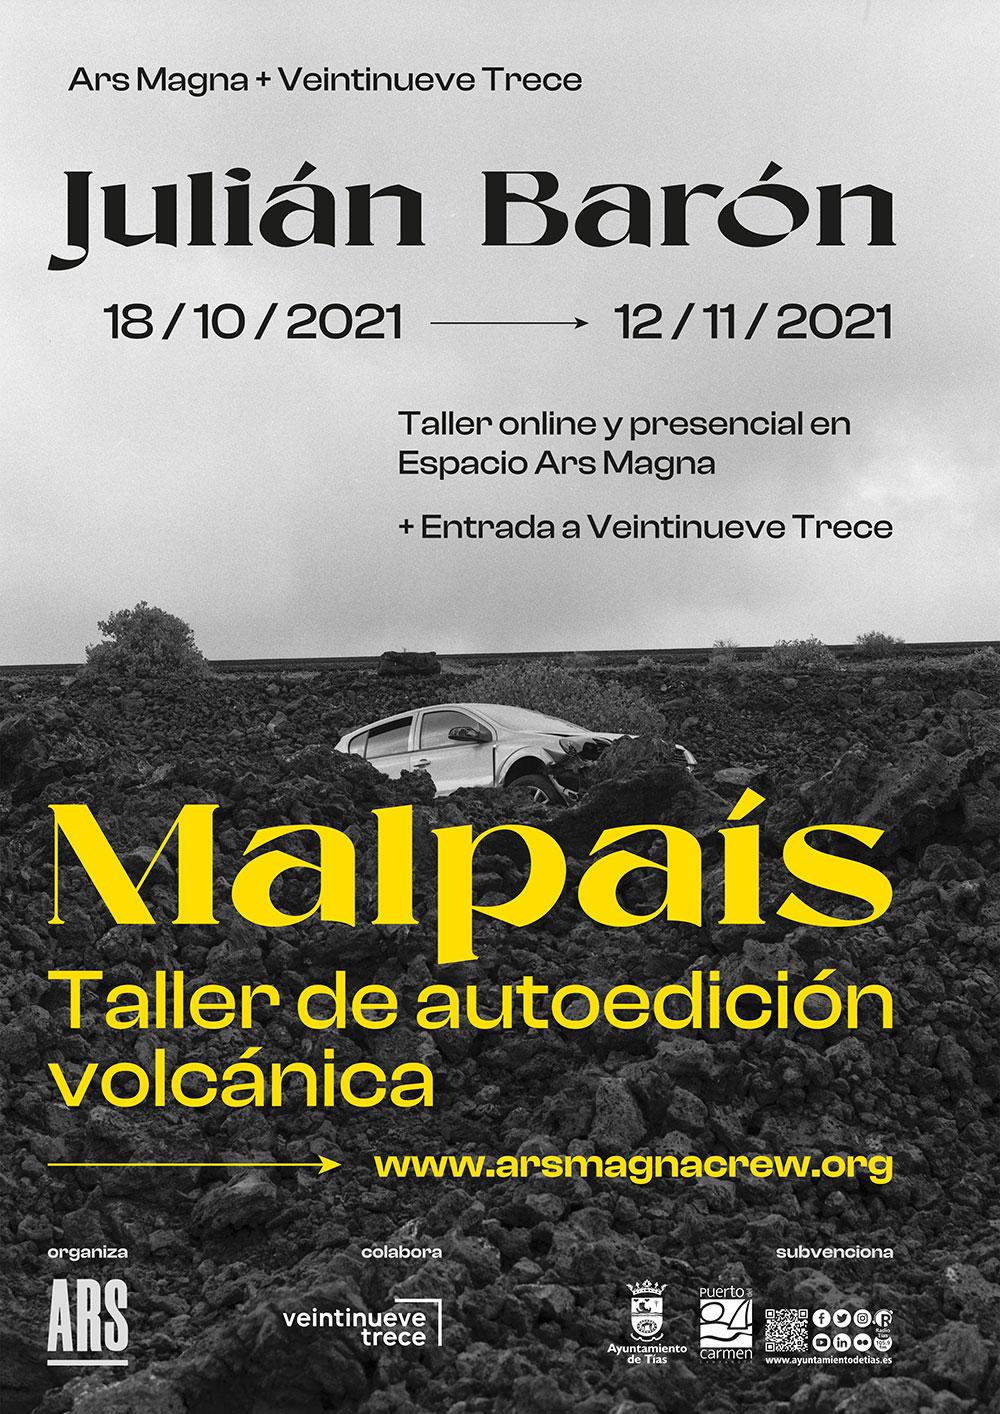 Taller de autoedición «Malpaís. Taller de autoedición volcánica» con Julián Barón con ediciones virtuales y físicas en Lanzarote // CanariasCreativa.com